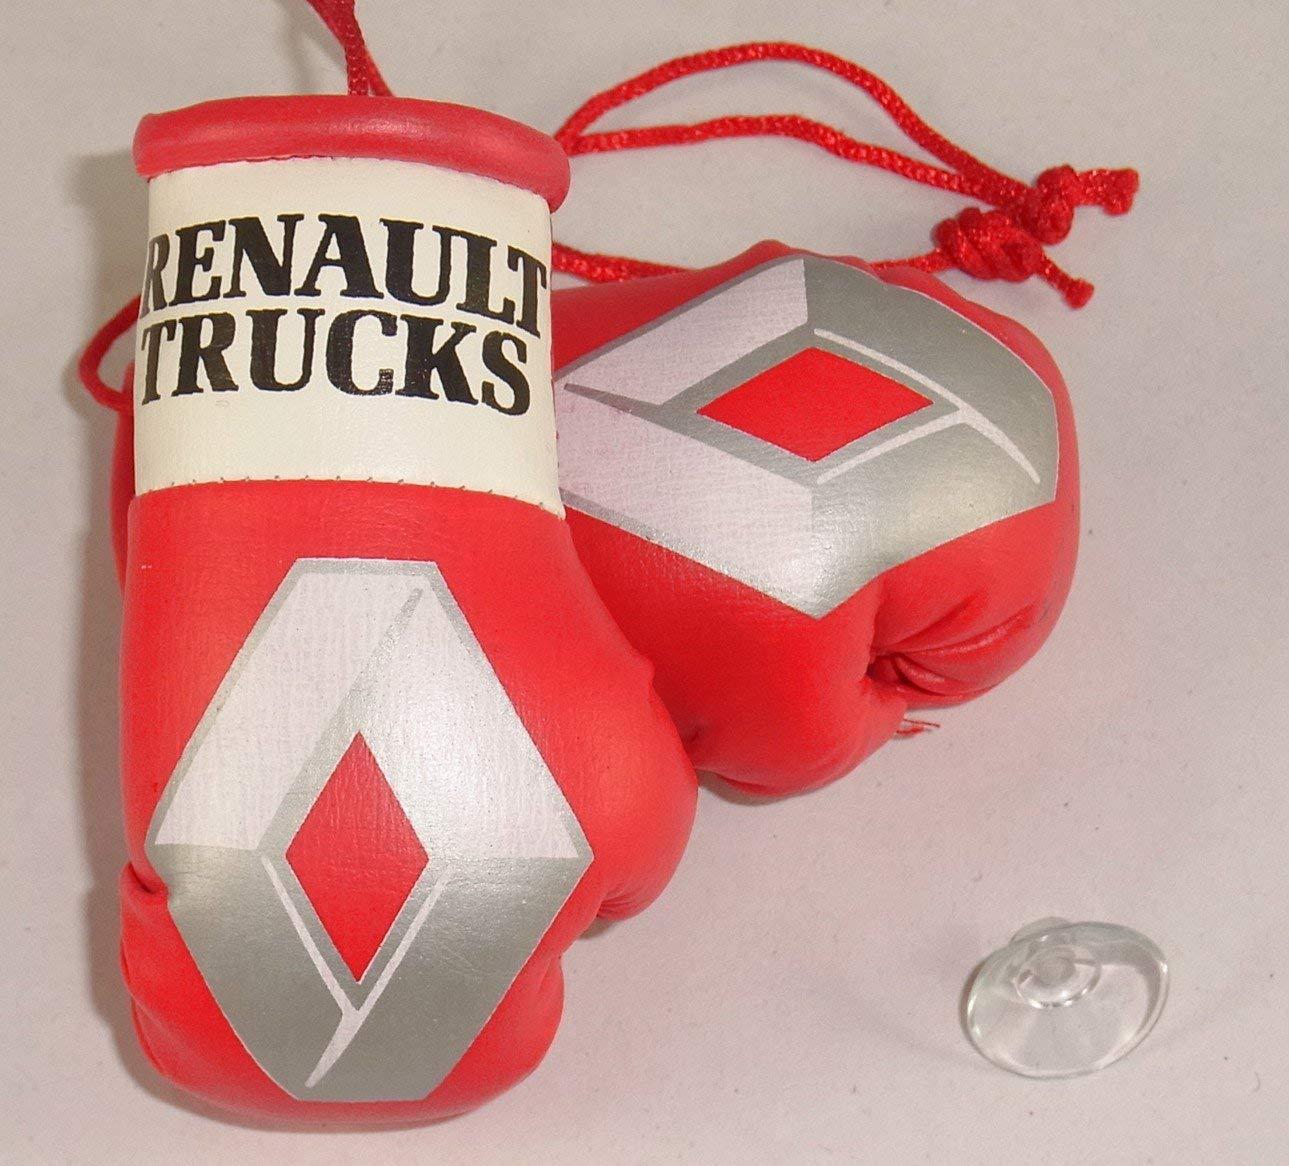 Gants de boxe Mini Renault Trucks pour les camions MS international